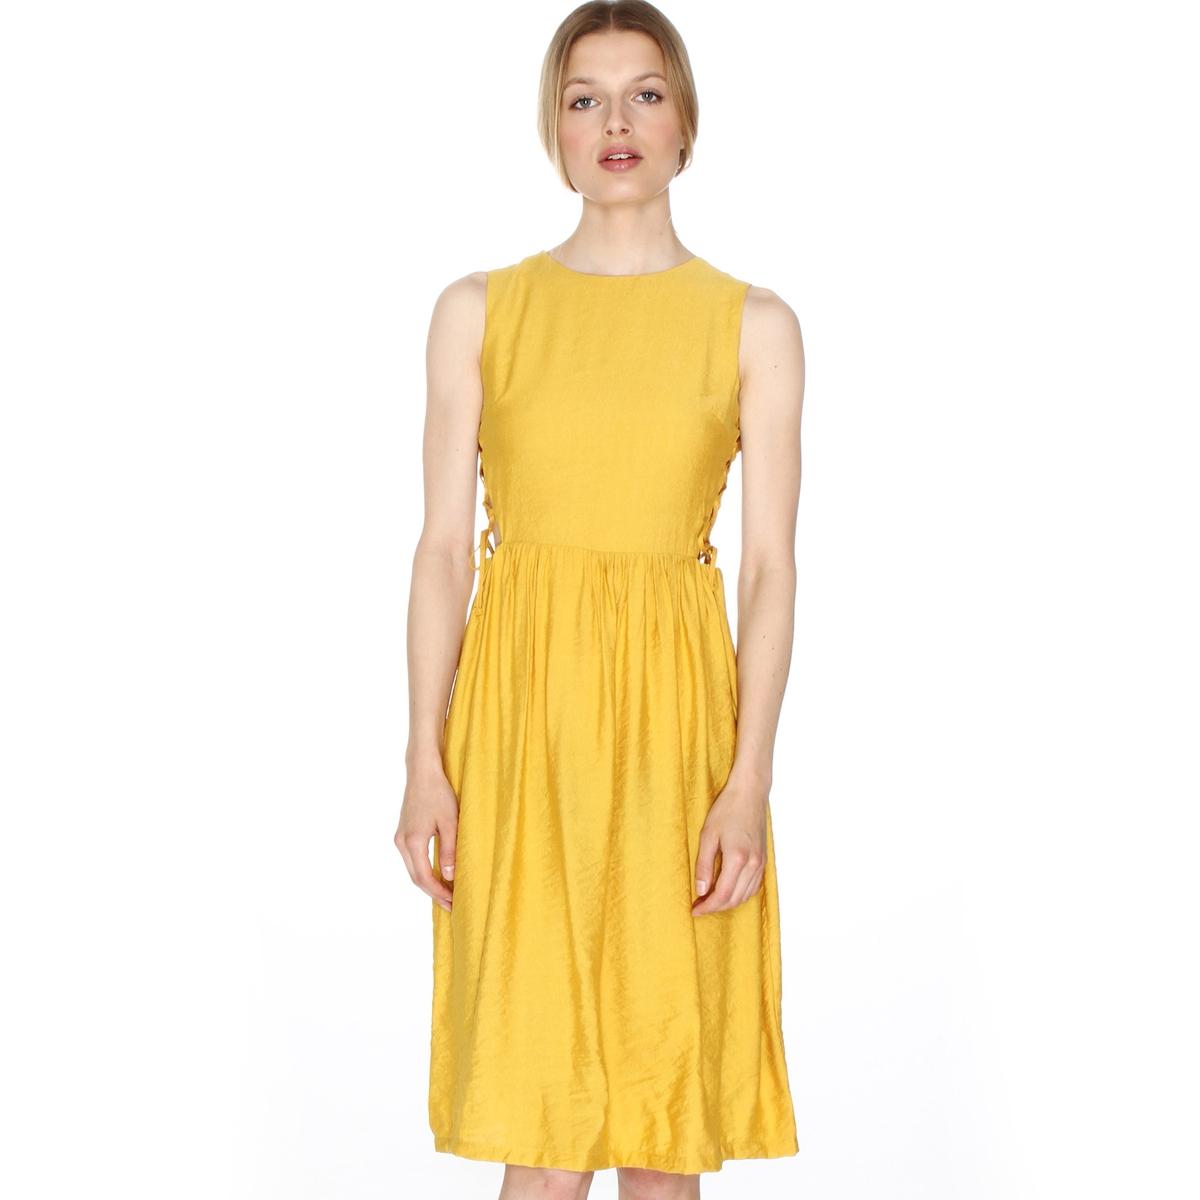 Платье расклешенное без рукавов, на шнуровке сбокуДетали   •  Форма : расклешенная    •  Длина до колен •  Тонкие бретели     •  Круглый вырезСостав и уход • 45% полиамида, 55% полиэстера  •  Следуйте советам по уходу, указанным на этикетке<br><br>Цвет: желтый горчичный